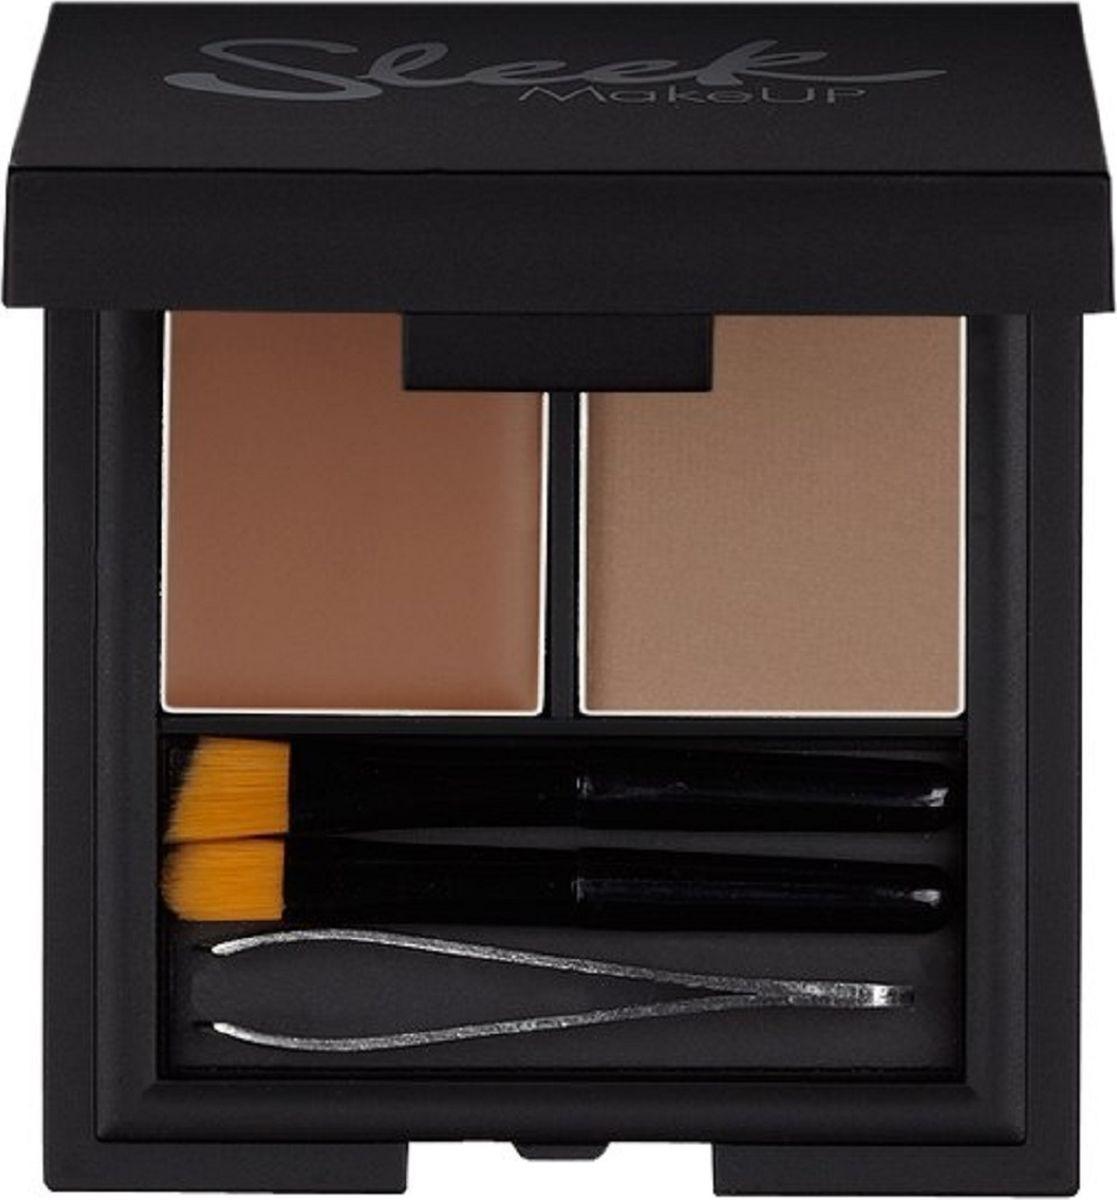 Набор для бровей Sleek MakeUP Brow kit Воск моделирующий и пудра для бровей Light 817, 59 г